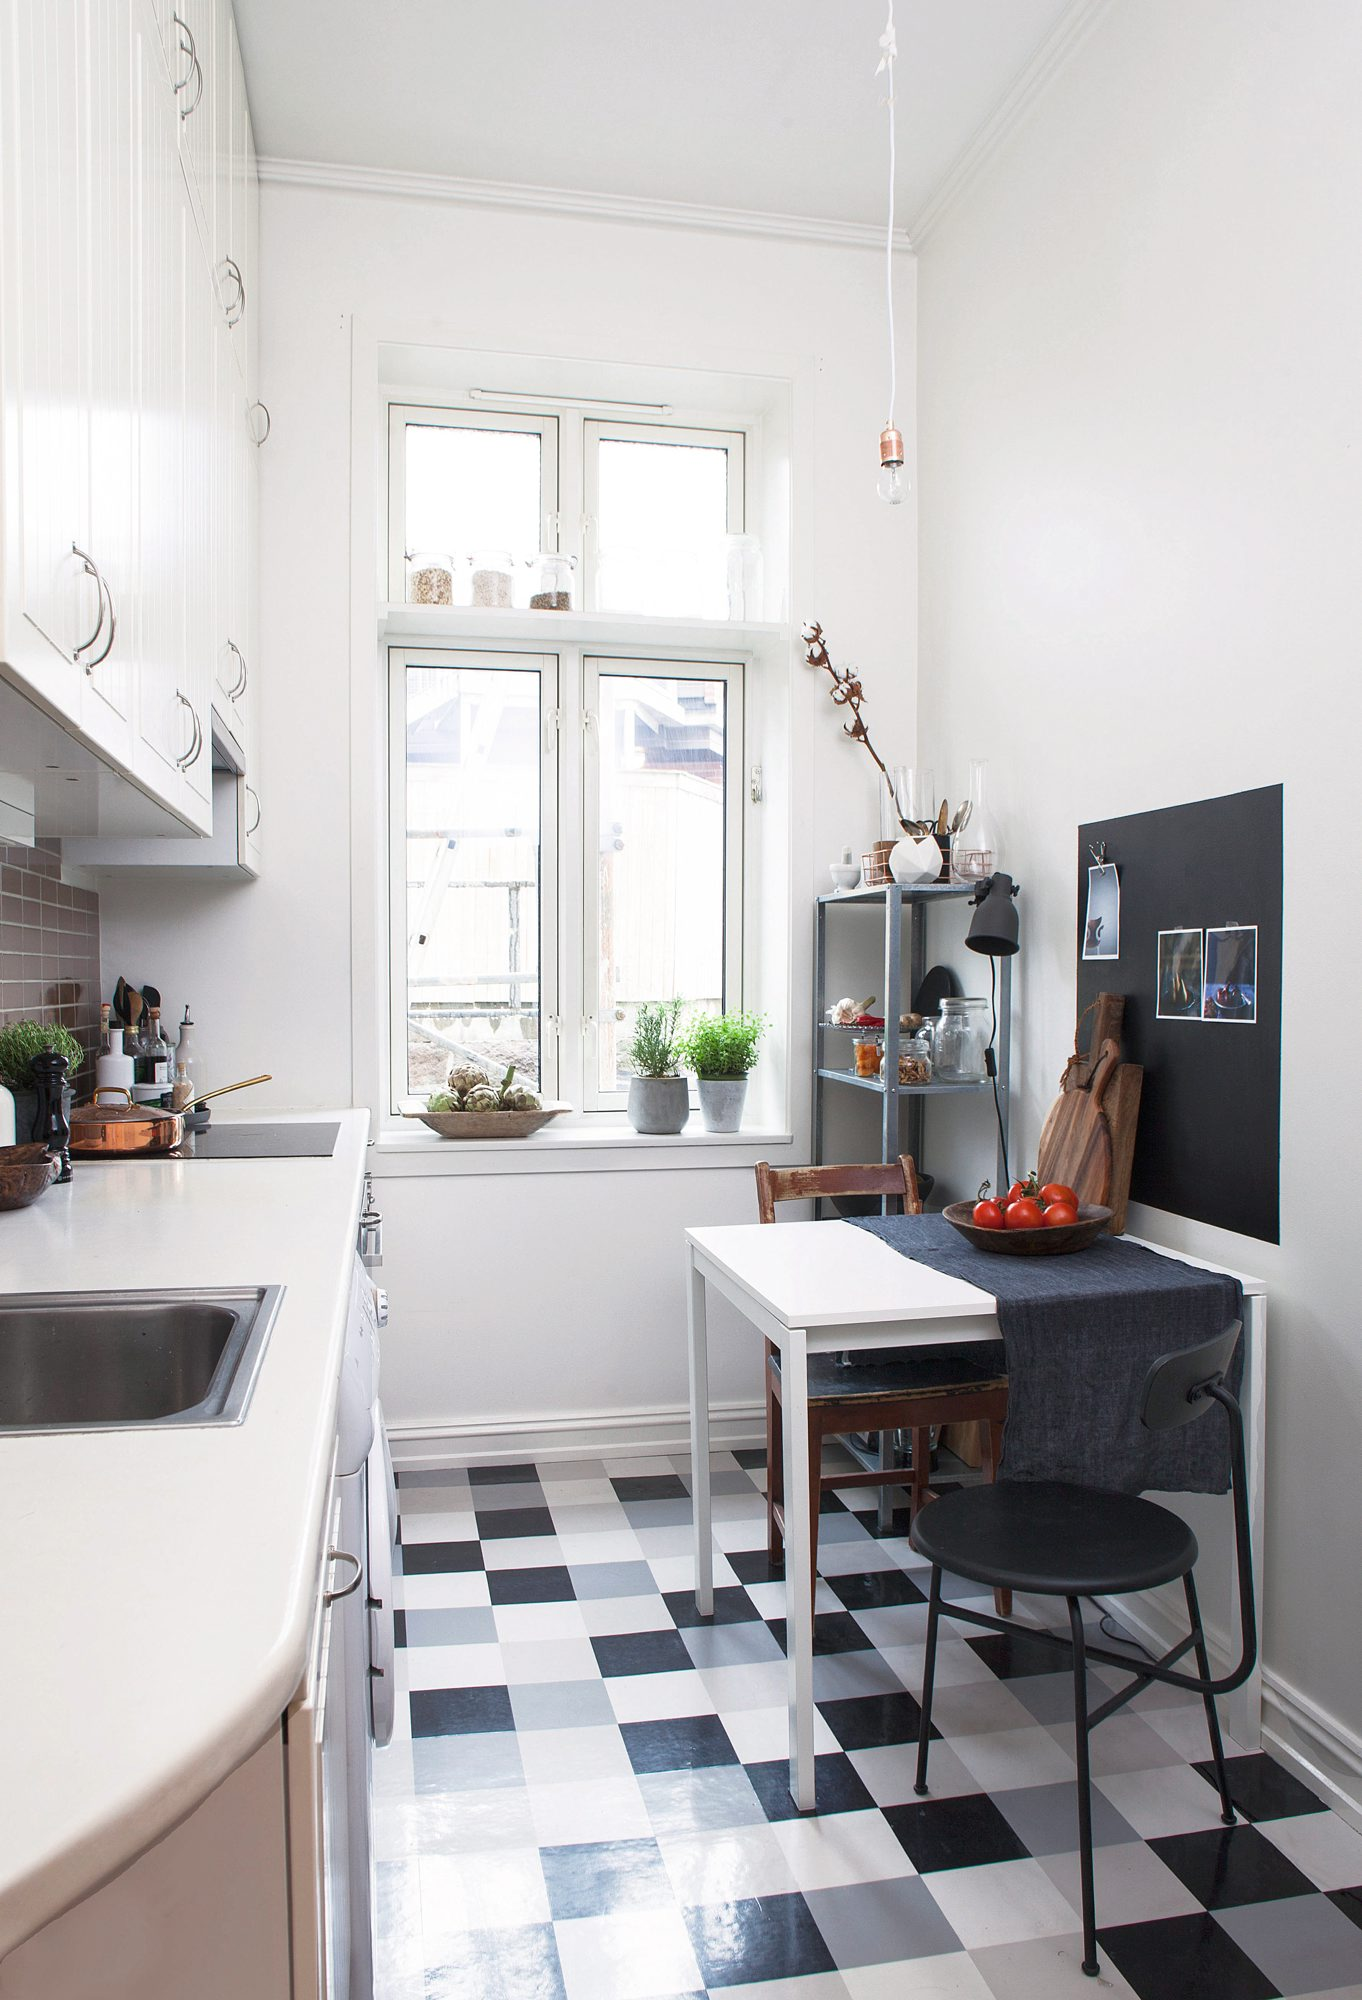 Kjøkken med stilmiks